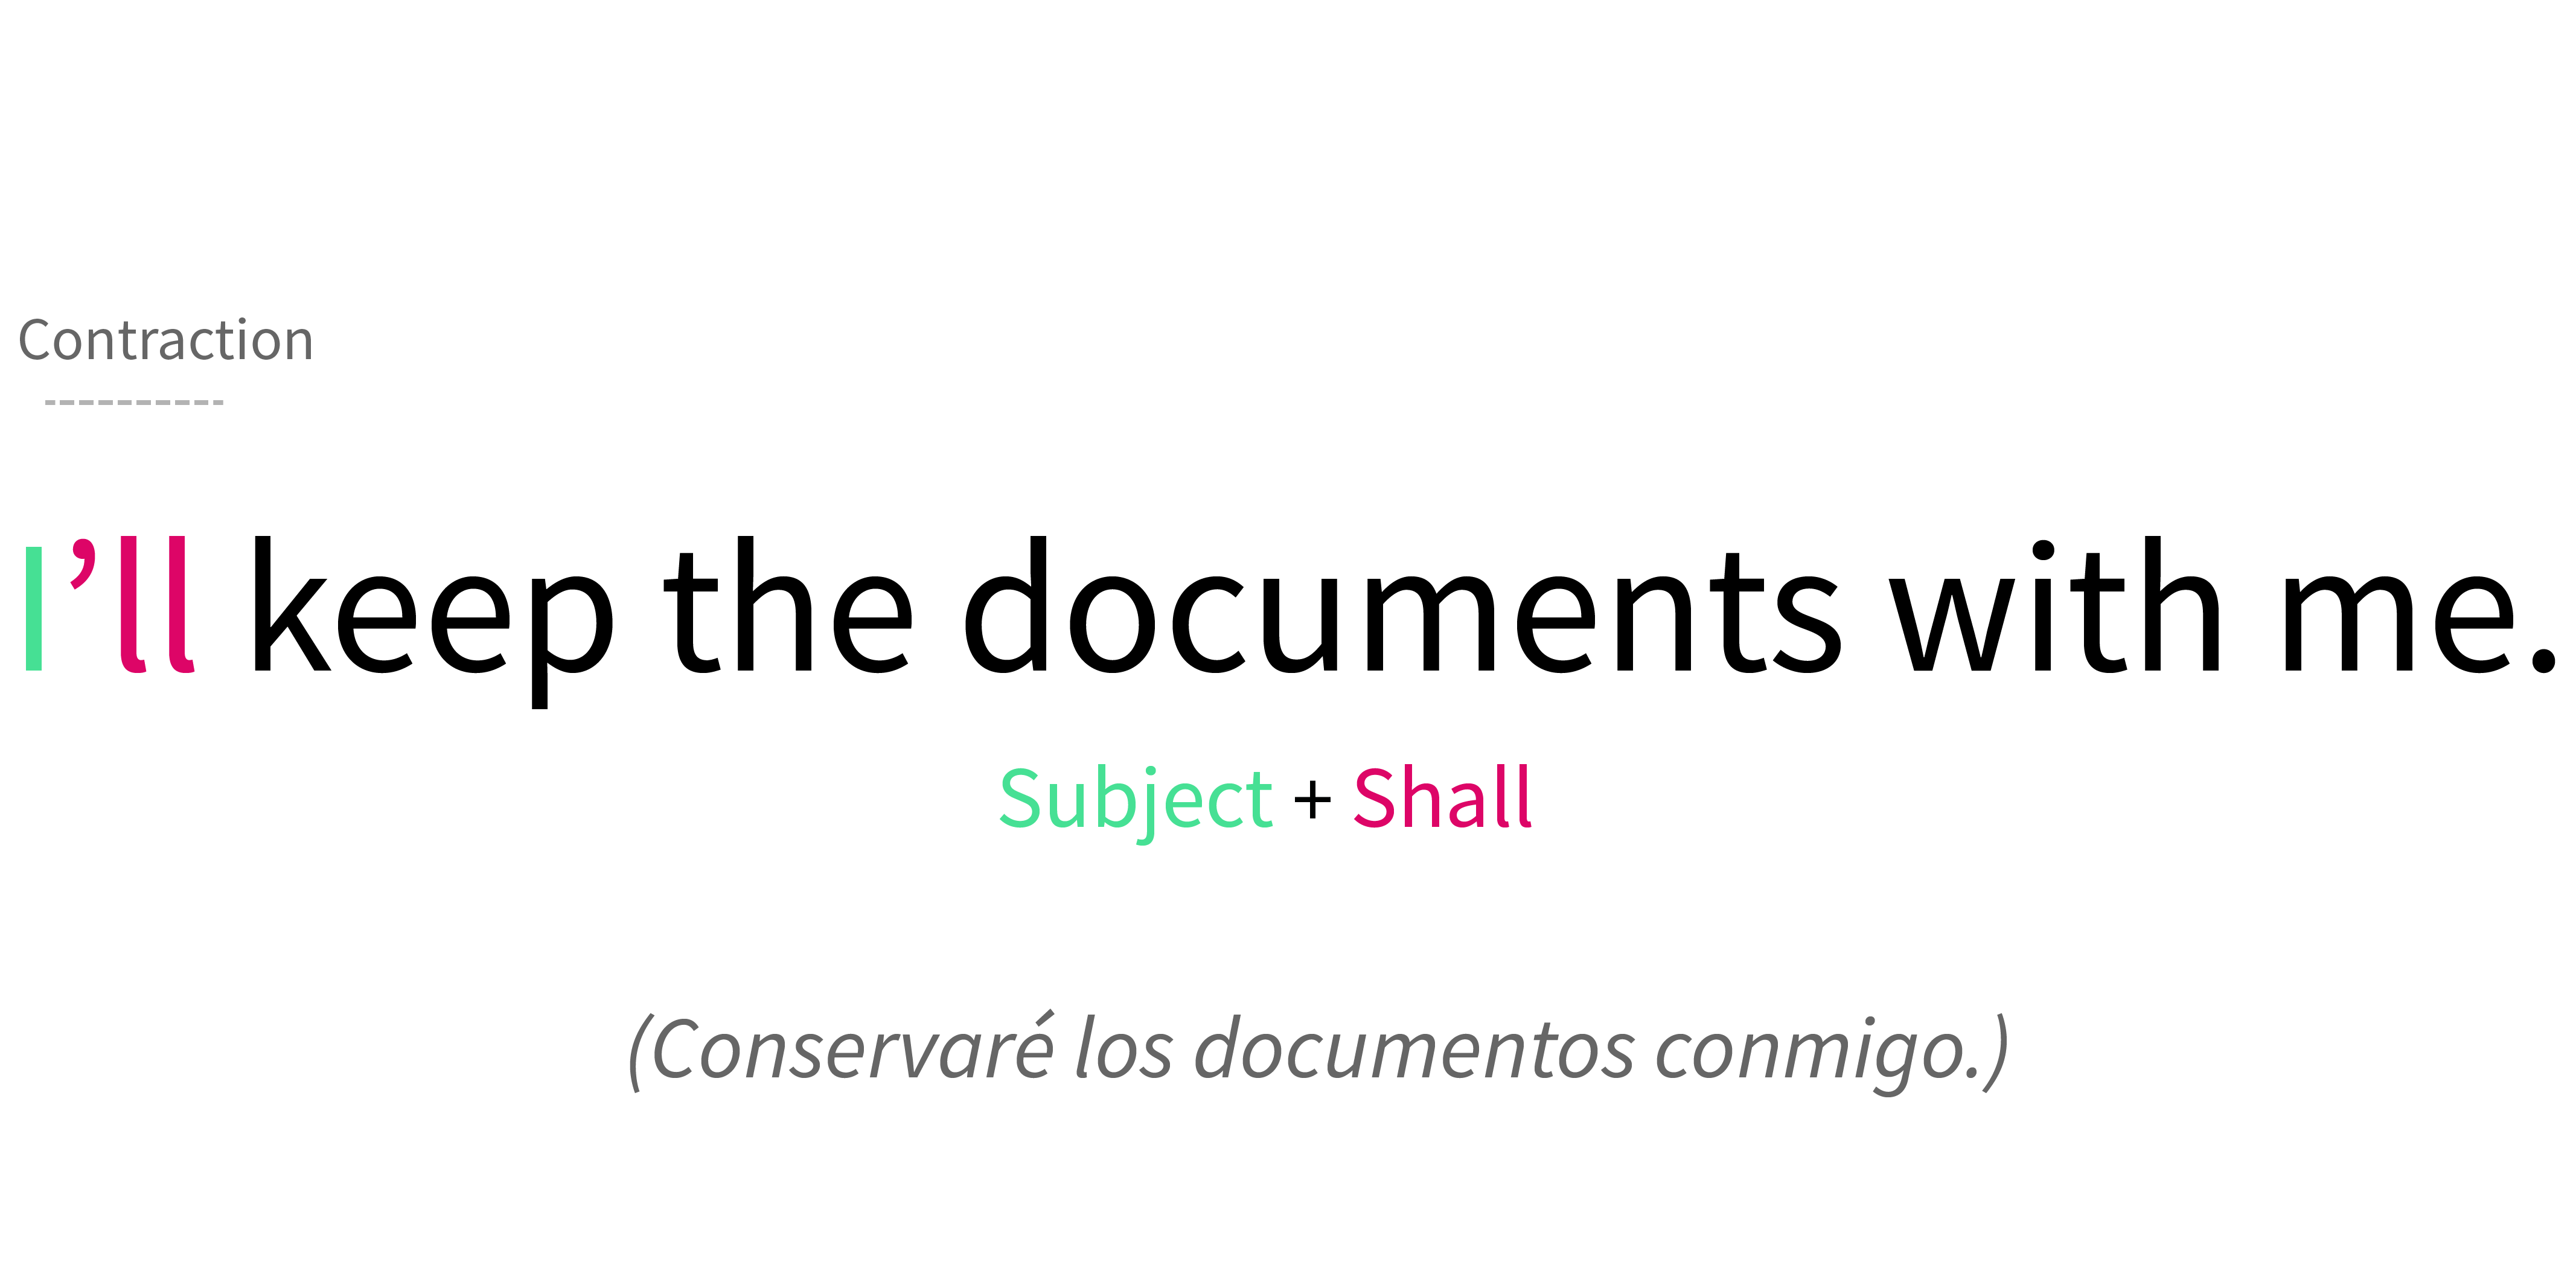 Ejemplo de abreviación  de shall empleado en tiempo futuro.